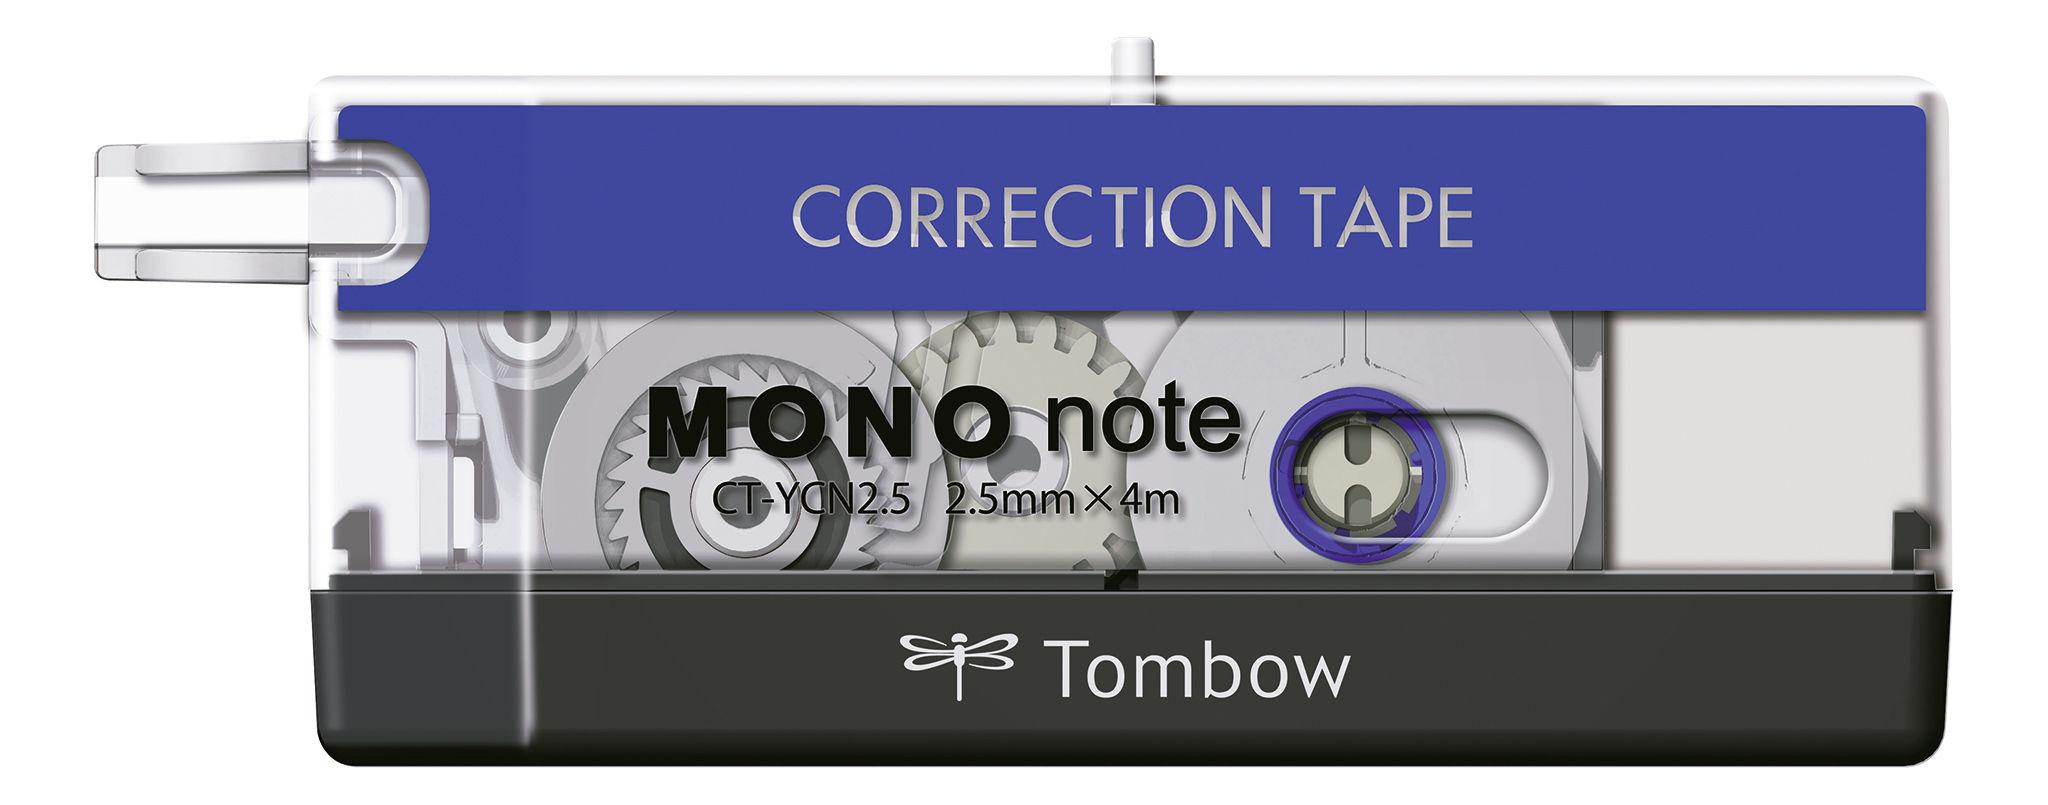 Crrctn tpe MONO nte 2.5mmX4m PK1